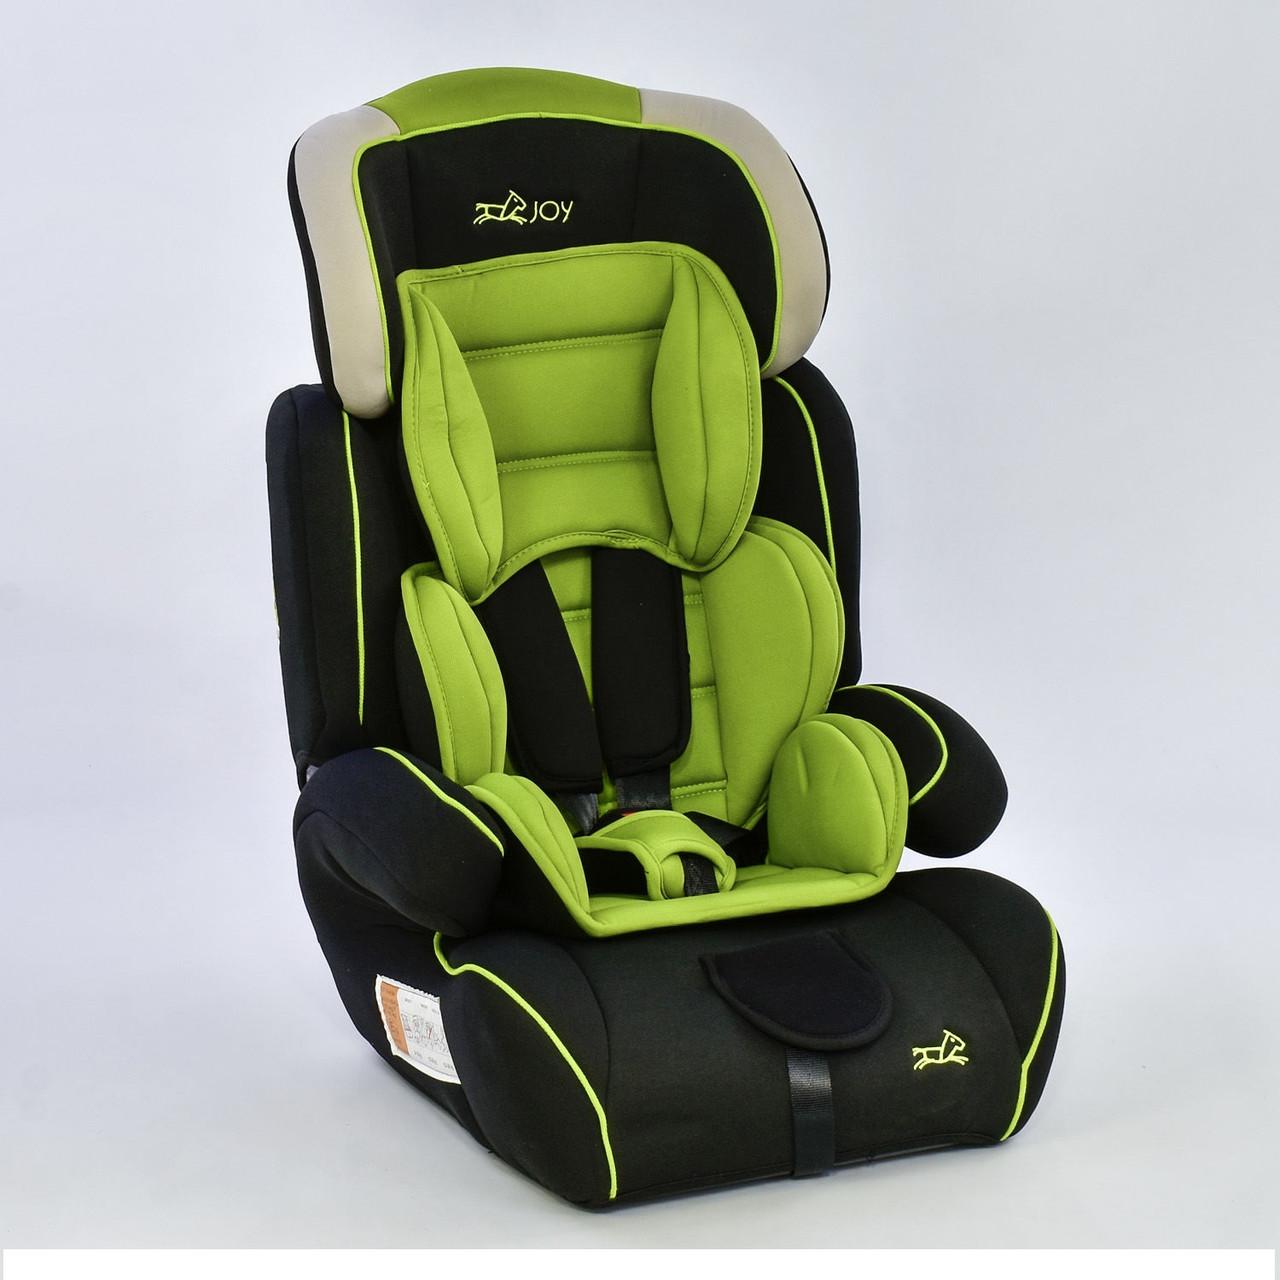 Автокрісло Joy 8888 універсальне зелене